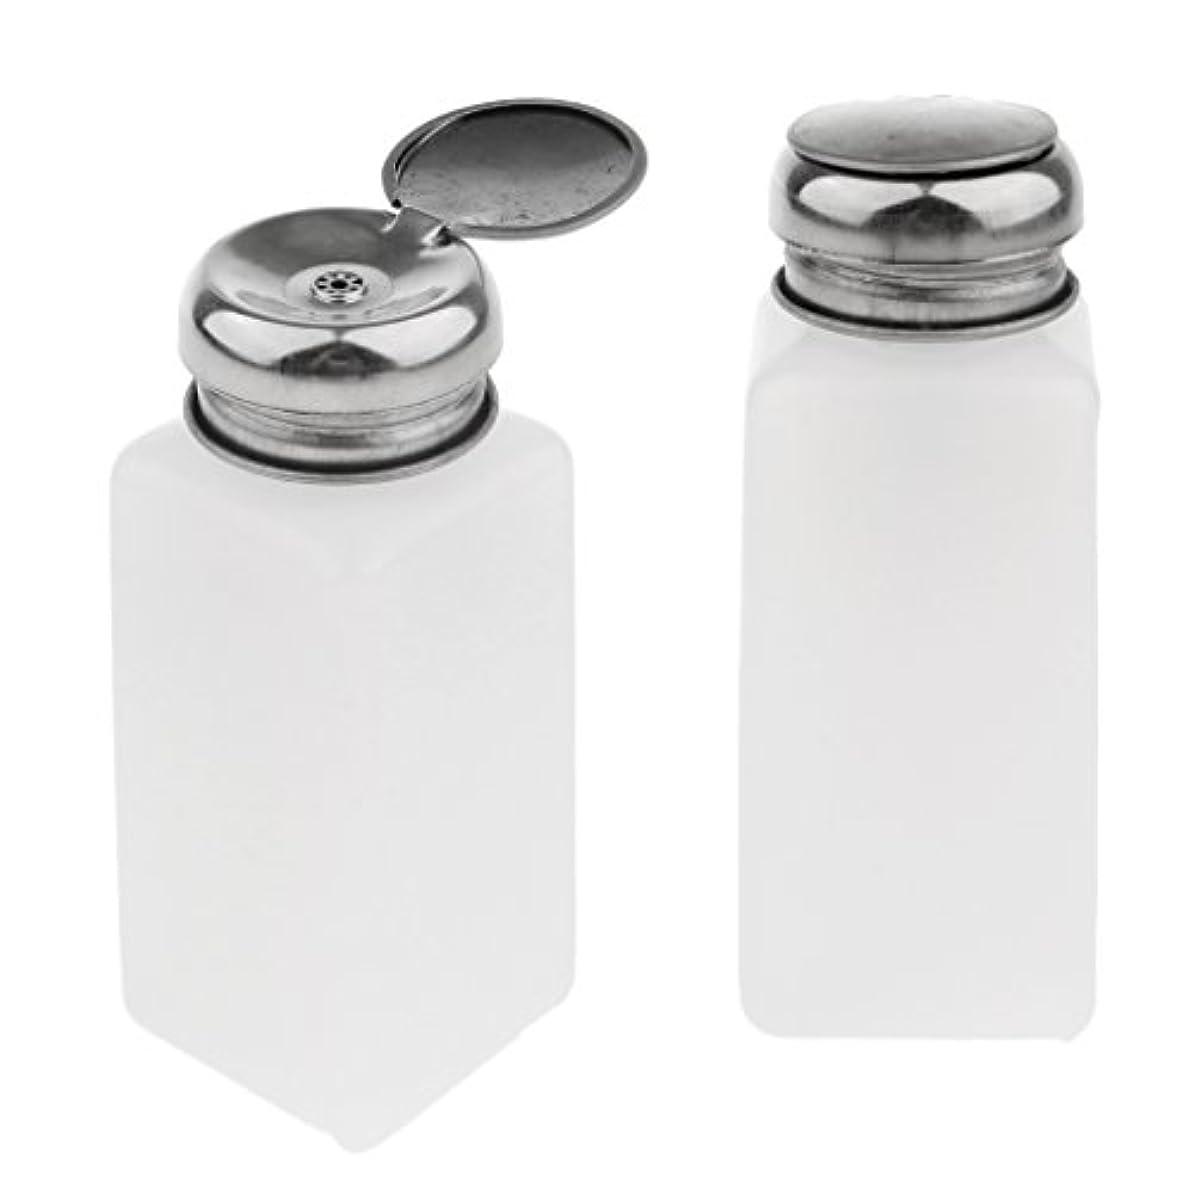 写真を撮るペイン氷CUTICATE ポンプディスペンサー ネイル 空ポンプボトル ネイルクリーナーボトル 実用的 2個 全3サイズ - 250ミリリットル